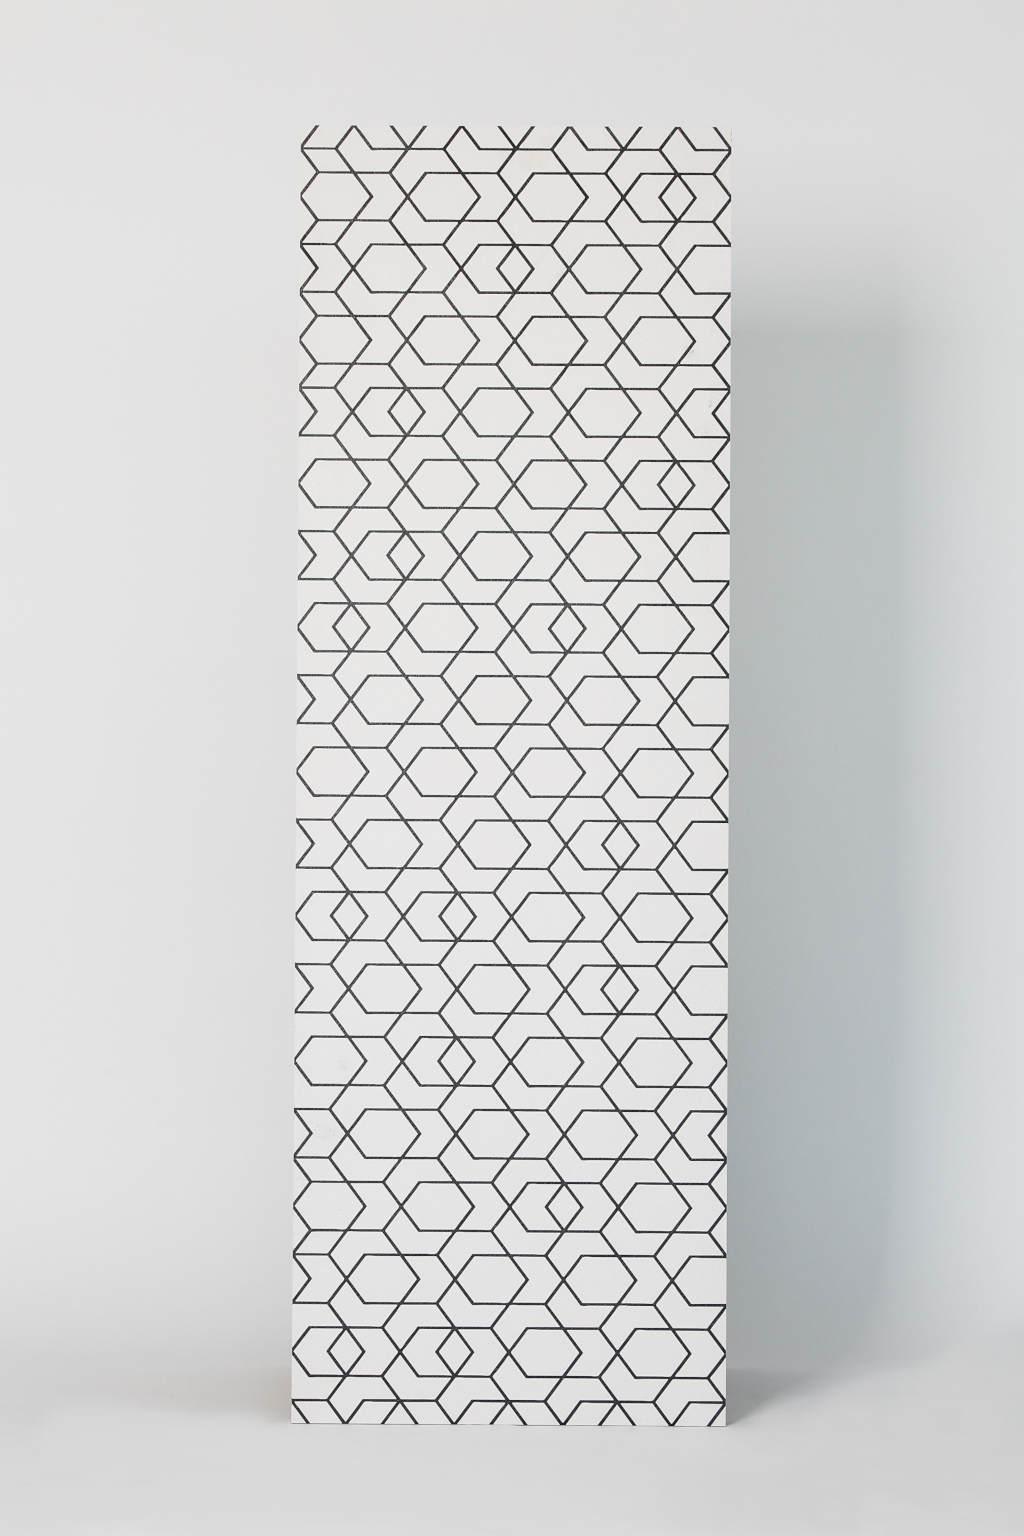 Płytka gresowa, dekoracyjna, matowa, ścienna, 40x120cm, imitacja tkaniny - Ape Cerámica, CLICK zeep white